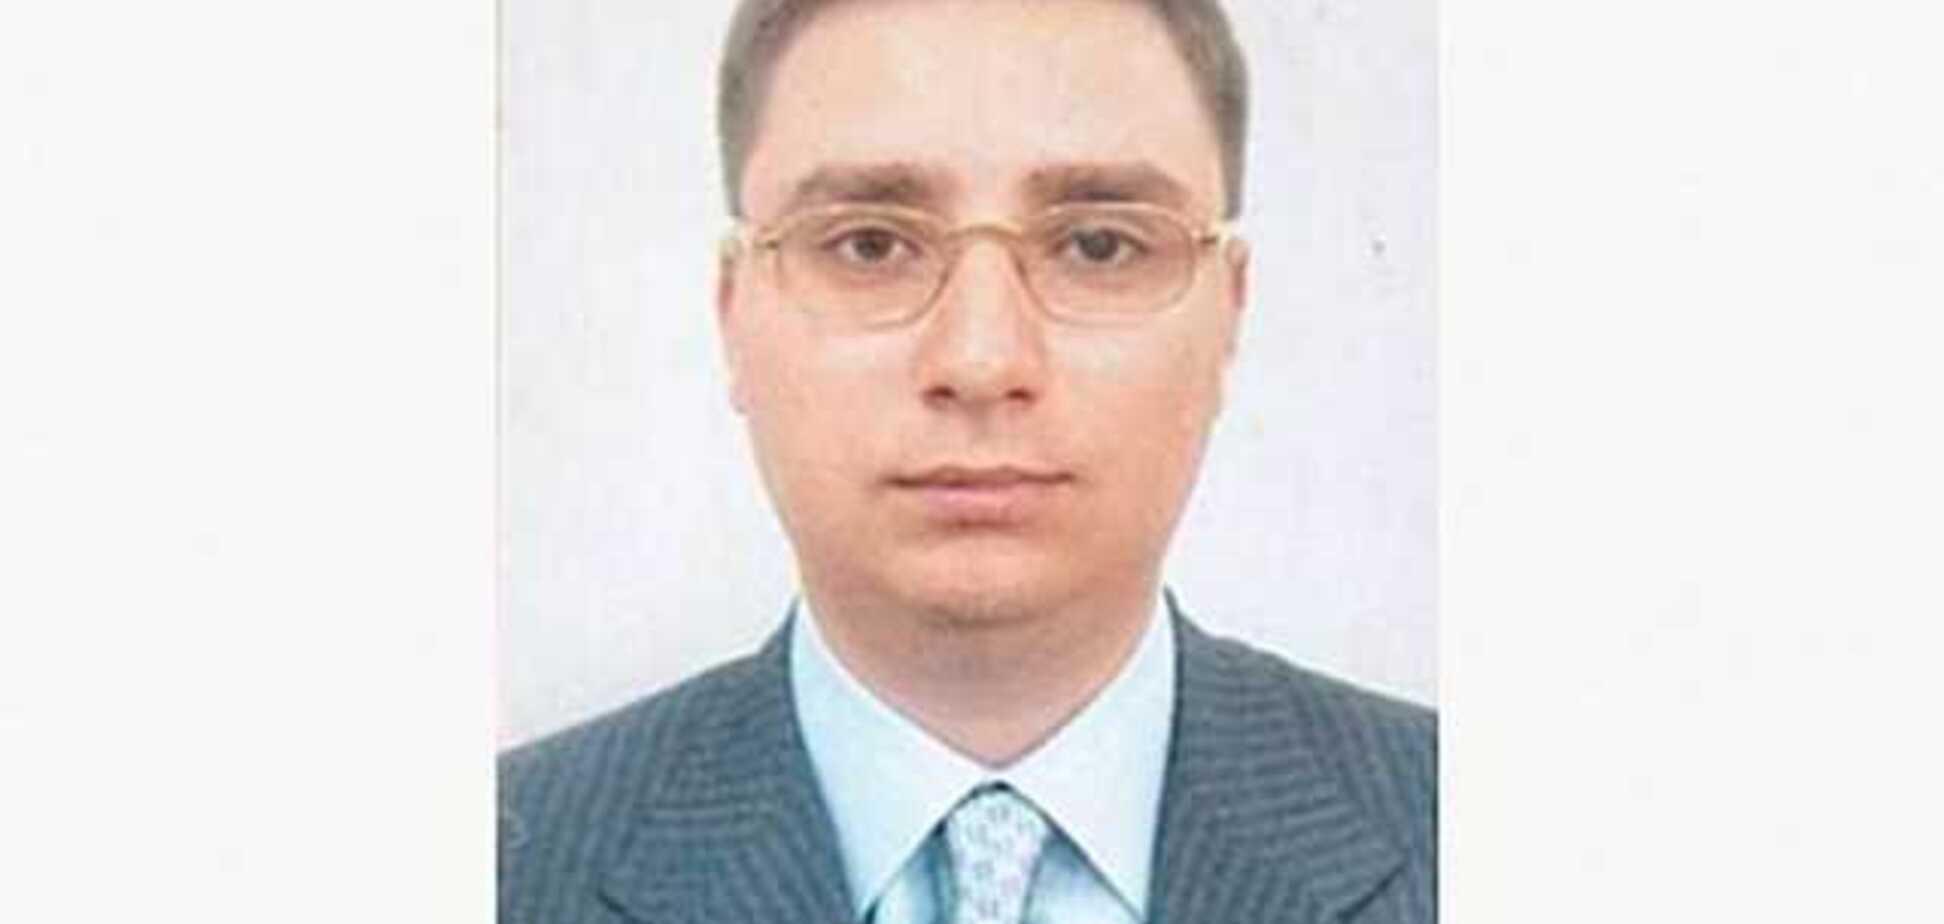 Затримання ''мертвого'' українця у Франції: спливли скандальні деталі